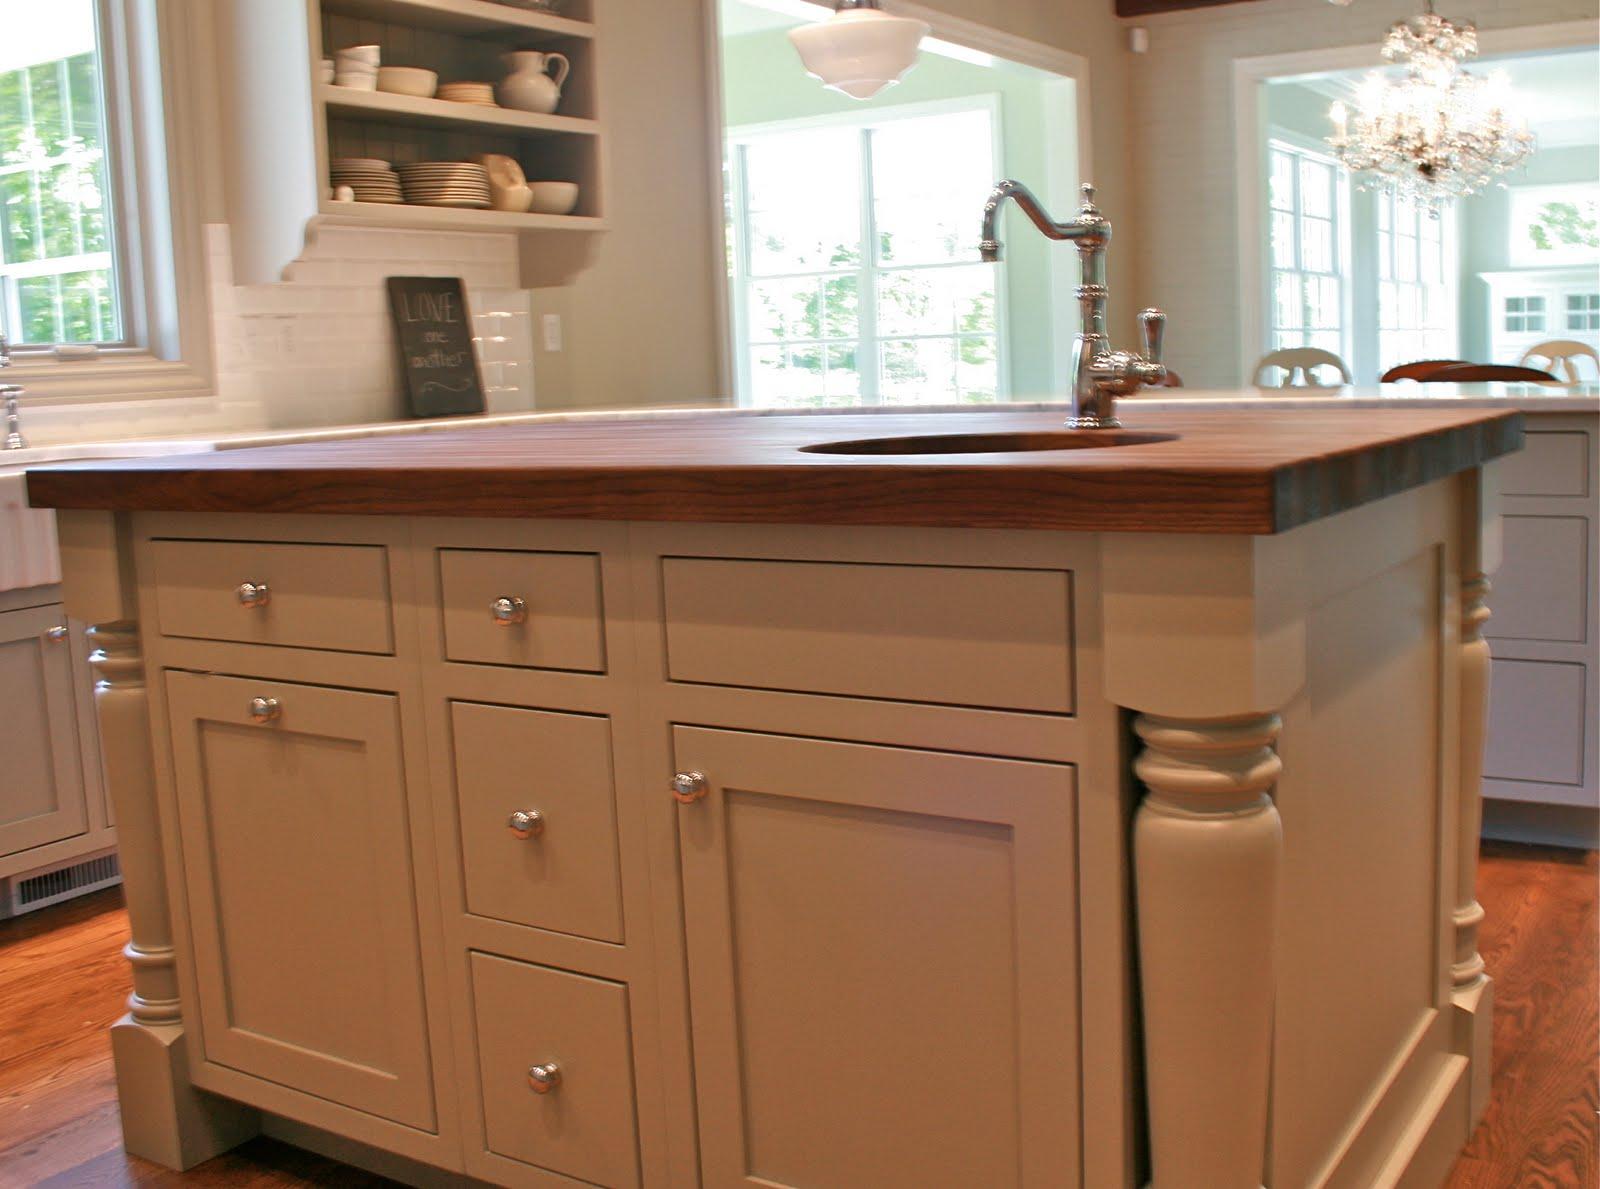 100 kitchen cabinets on legs kitchen islands design